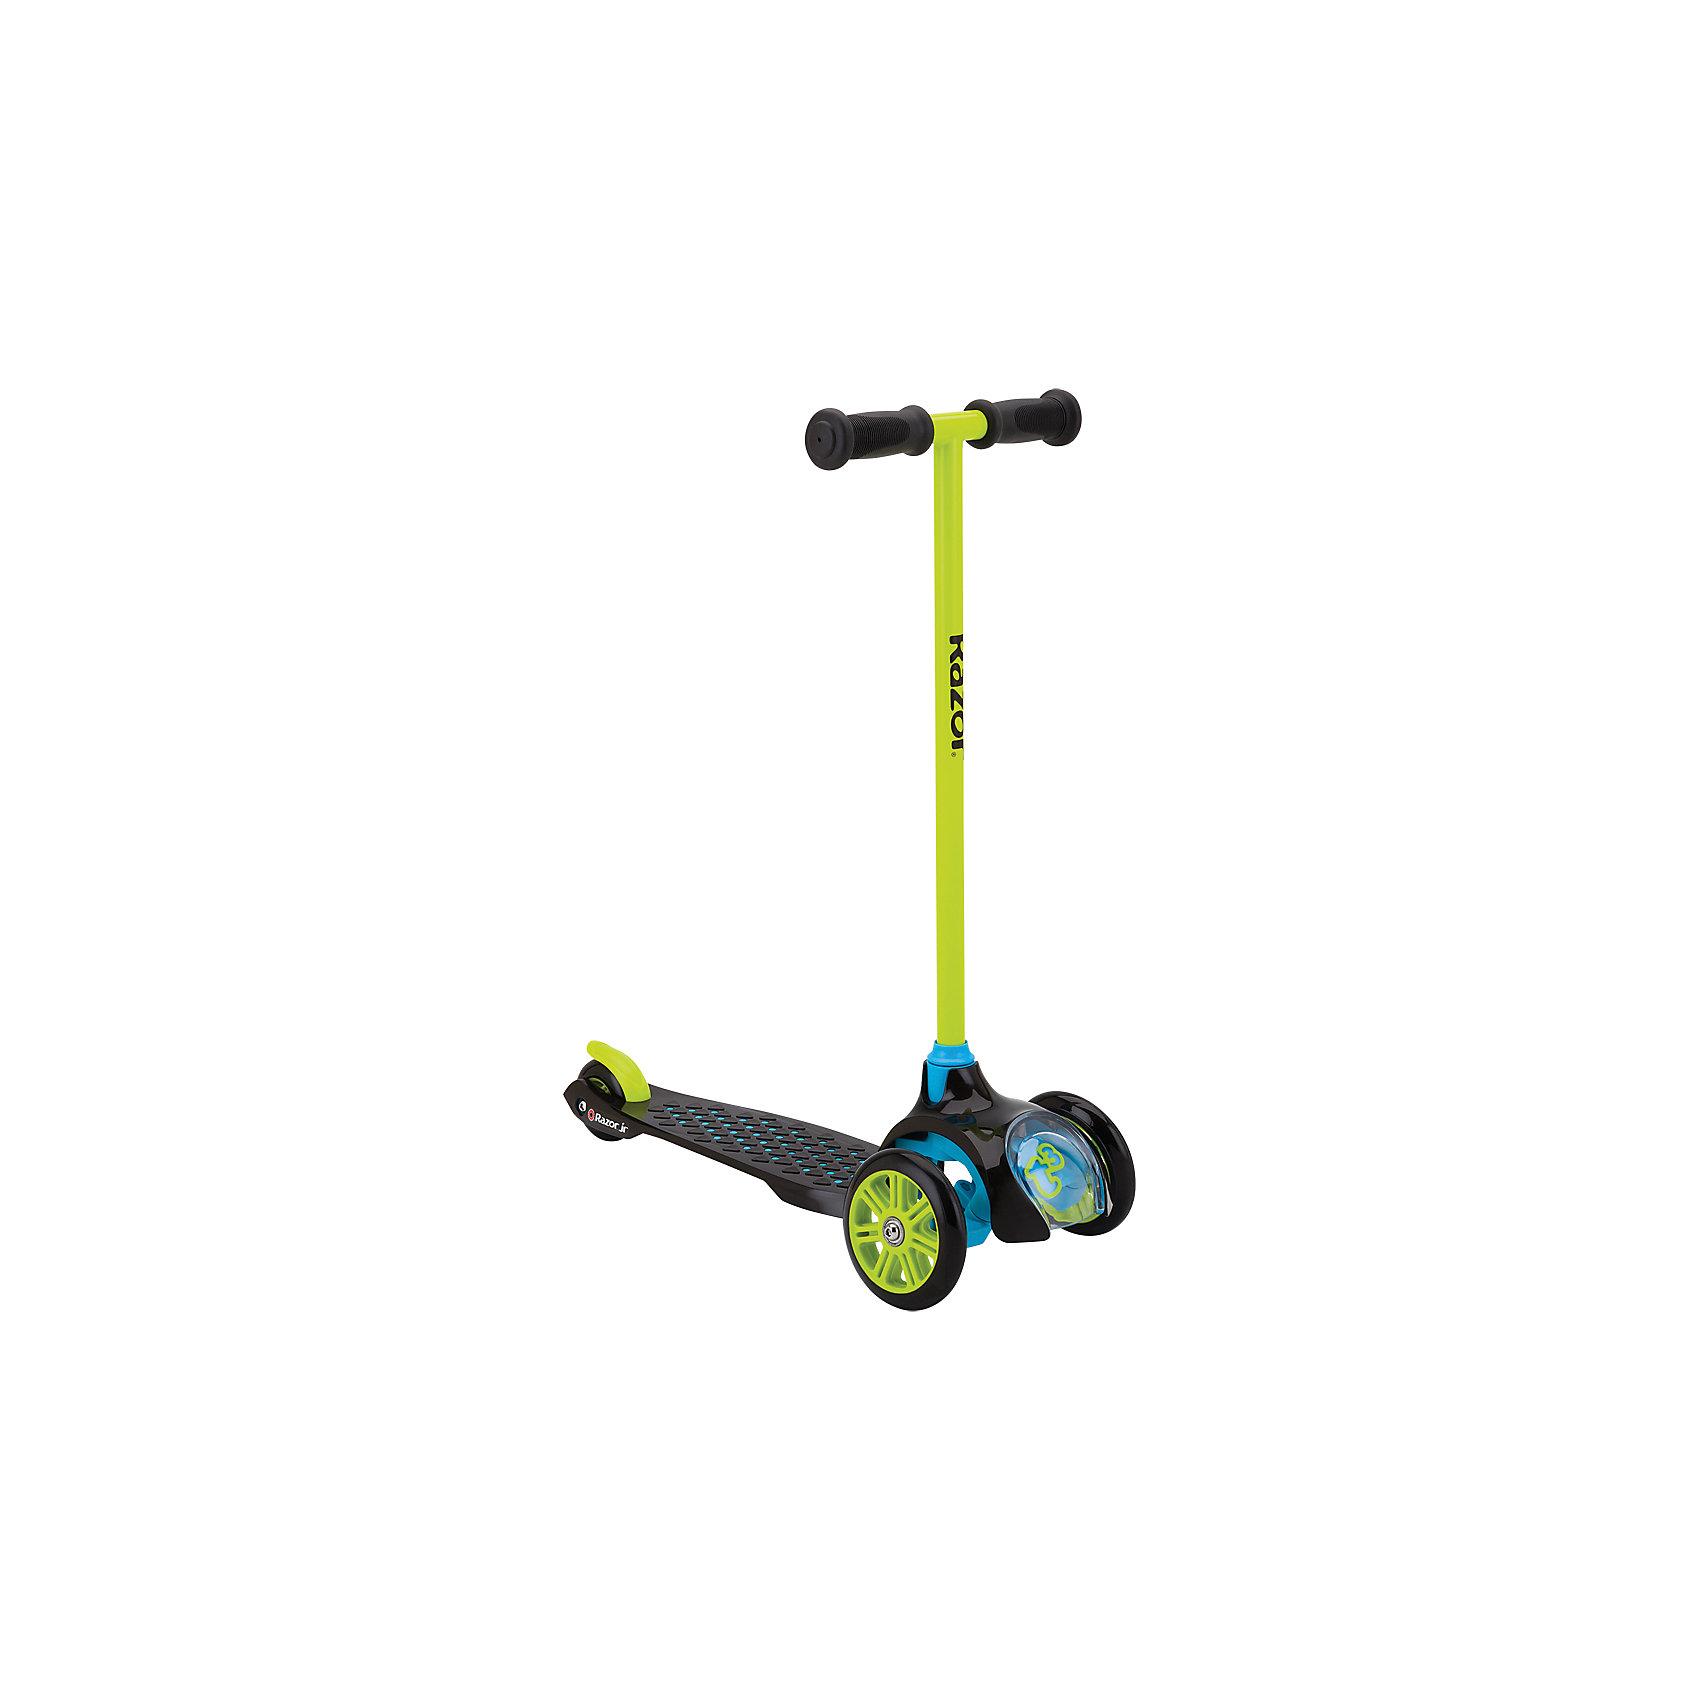 Детский трёхколёсный самокат T3, зелёный, RazorСамокаты<br>Детский самокат Razor T3 создан специально для самых маленьких райдеров. Трёхколёсный самокат Razor T3 можно считать идеальным первым самокатом вашего ребёнка. Конструкция продумана до мелочей! Дека самоката выполнена из прочного пластика, который имеет яркие цвета. Пластик мягкий, без запаха. Три колеса дают полную уверенность в том, что ребёнок не упадёт с самоката. Самокат устойчив так же благодаря широкой платформе для ног. Большие полиуретановые колёса обеспечат мягкий и плавный ход. Самокат имеет лёгкую и прочную конструкцию - его вес всего 2,23 кг.<br><br>Трёхколёсный самокат для детей от 2 лет имеет маленький радиус поворота (28 грд.), что даёт отличный угол поворота, а значит, ребёнок сможет легко поворачивать наклоном руля, и при этом не падать. Надежная конструкция самоката призвана обезопасить ребёнка от любых повреждений. Фиксированная высота руля, нескладная конструкция - всё надёжно, ничего не болтается и не скрипит. Самокат по-американски безопасен для детей, даже на российских дорогах.<br><br>Одной из фишек самоката является то, что впереди детского самоката есть специально окошко, через которое видно, как работает механизм поворота руля. Ребёнку будет не только интересно кататься, но и наблюдать за всем тем, как же всё устроено. Детский самокат Razor T3 станет отличным подарком тем детям, кому вот-вот исполнится 2-3 года. Будьте уверены в том, что ребёнок оценит всё, начиная от яркой и красочной упаковки, заканчивая мягким приятным катанием на детском самокате.<br><br>Дополнительная информация:<br><br>Подходит под рост от 80 до 130 см.<br>Вес самоката 2,23 кг.<br>Максимальная нагрузка 22 кг.<br>Трёхколёсная конструкция самоката<br>Маленький радиус поворота, всего 28 грд. (руль хорошо наклоняется)<br>Полиуретановые колёса<br>Передние большие колёса диаметром 120 мм.<br>Фирменные подшипники RZR (ABEC5), обеспечивающие отличный накат<br>Нескользящая поверхность деки<br>Задний тормоз-крыло<br>Р